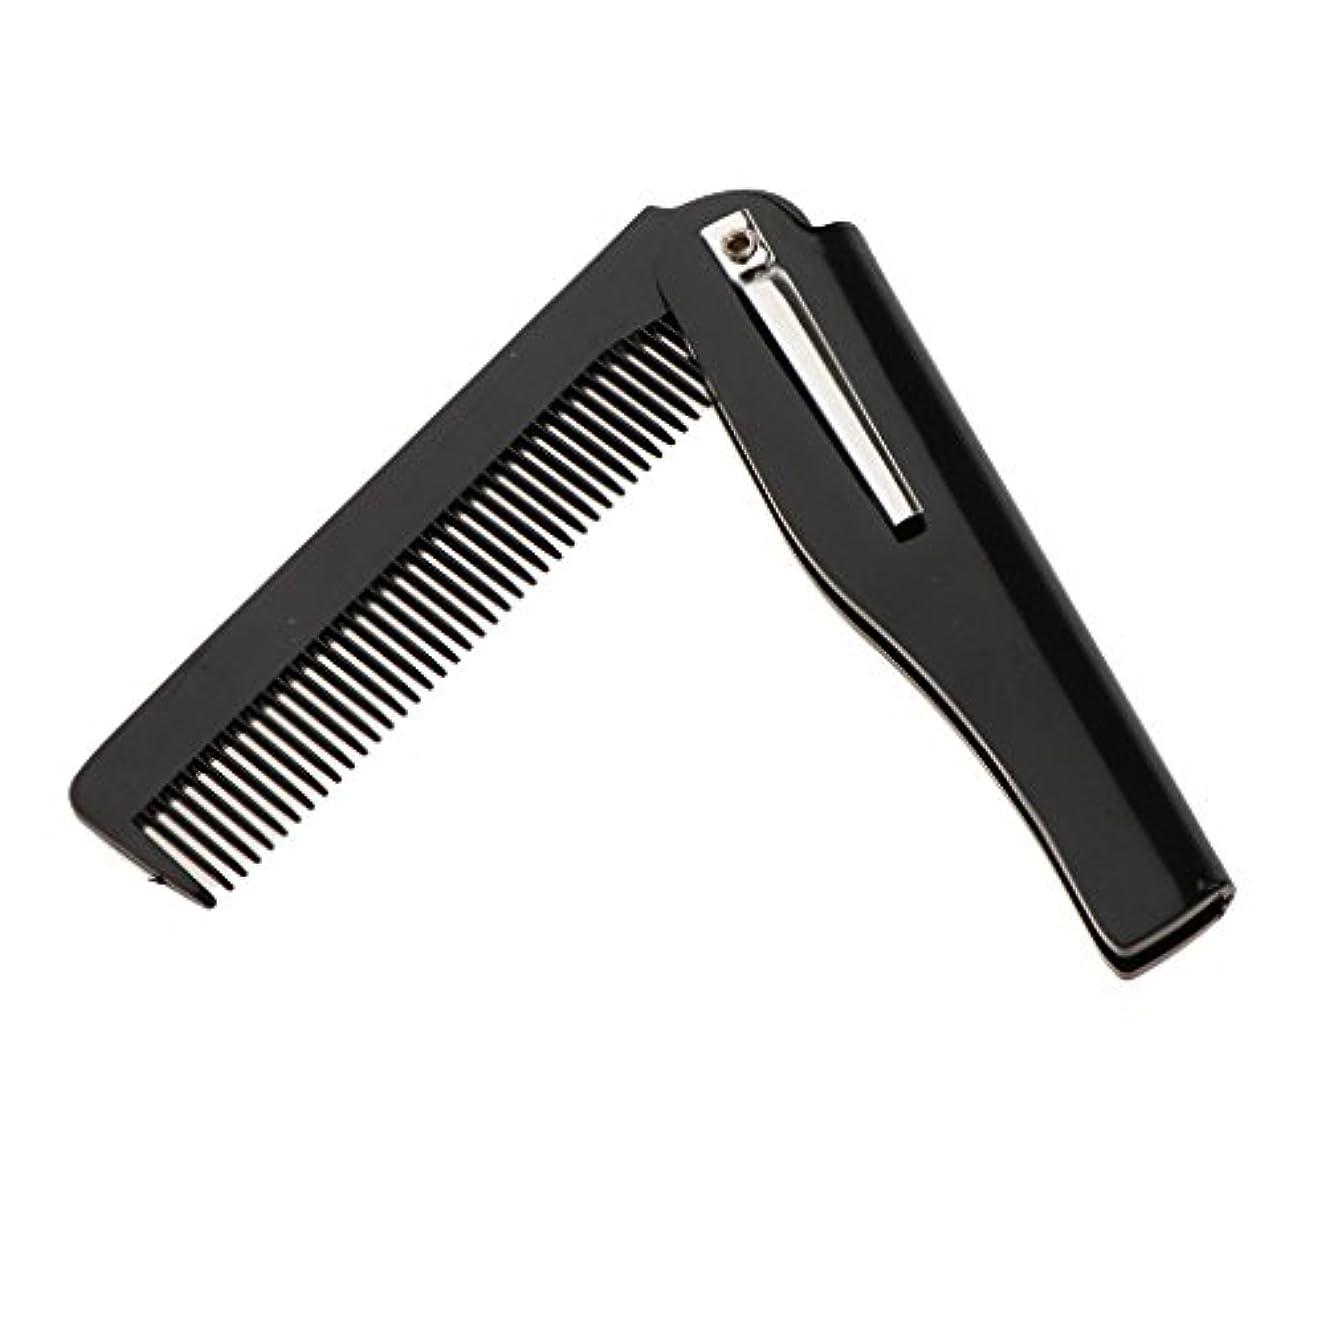 広々とした属性逆にメンズ 折りたたみ ひげ ひげ剃り 櫛 折り畳み式 男性 シェイプシェイプ 髭のブラシ スタイリング テンプレート 2色選べ - ブラック